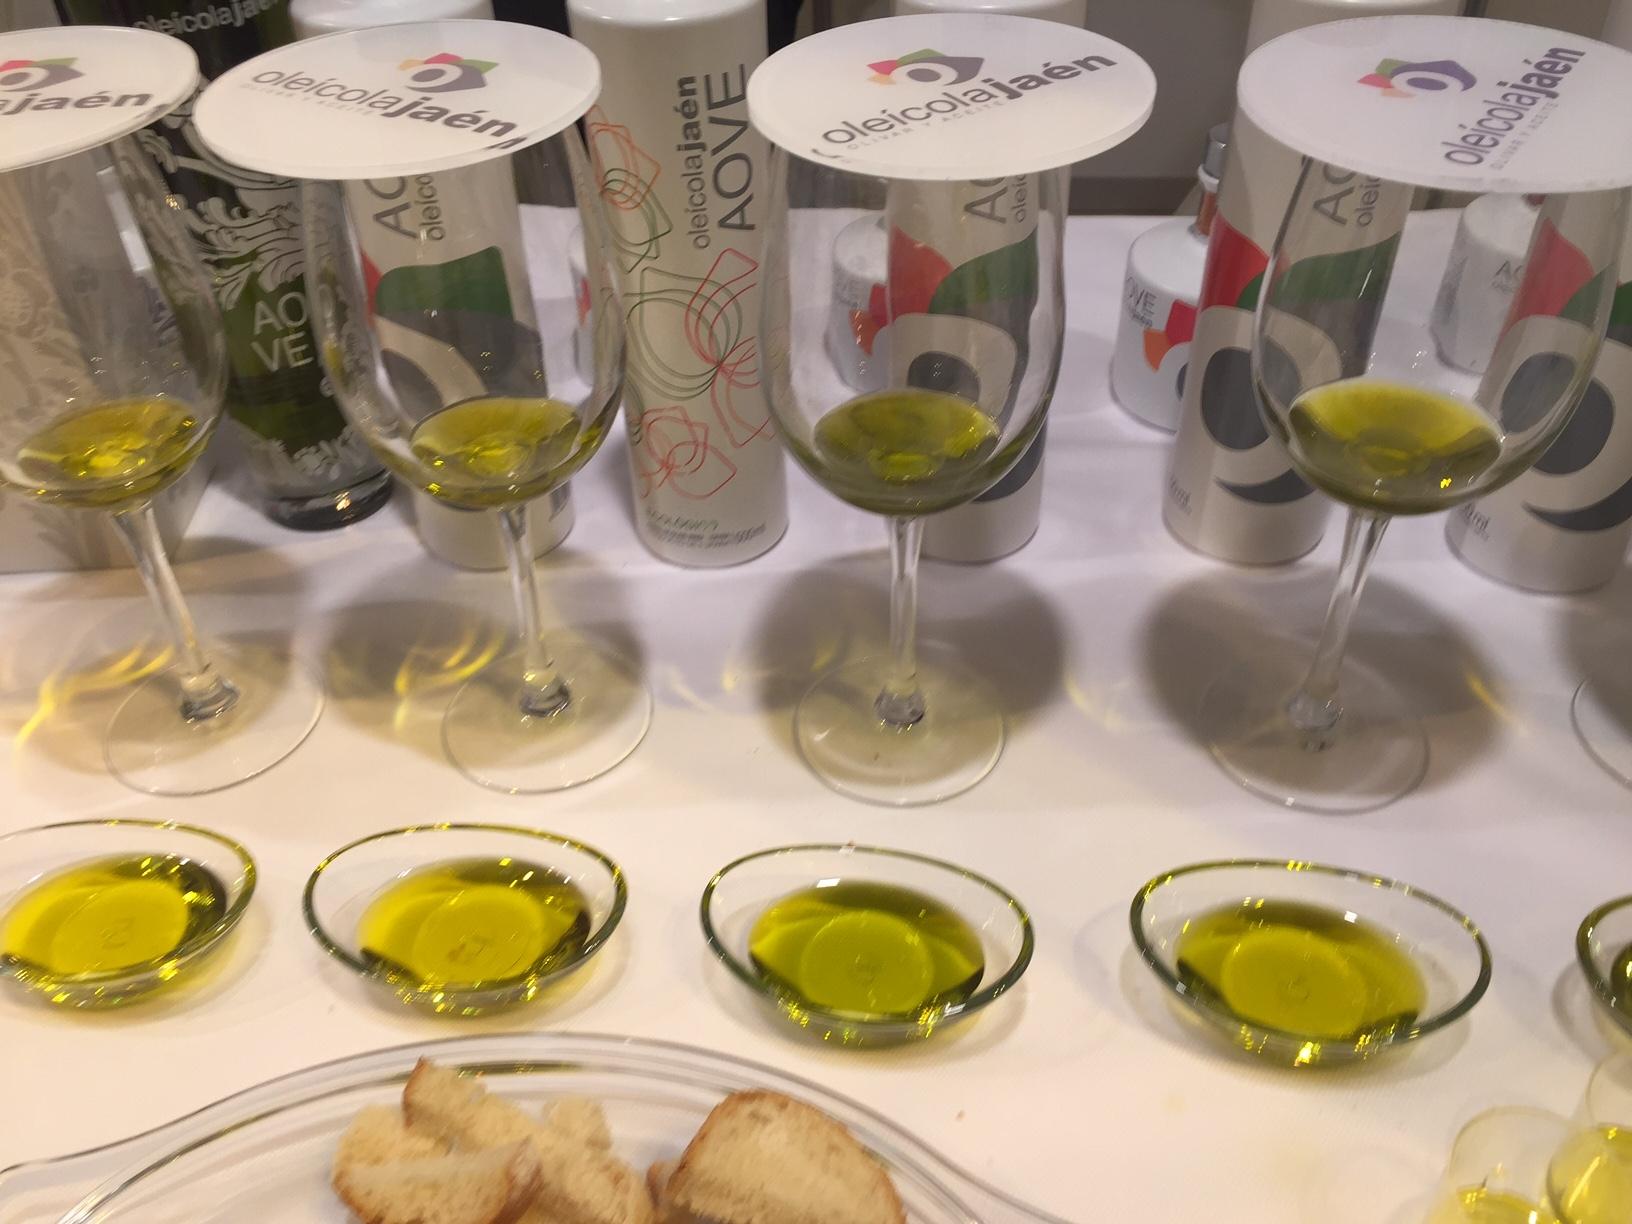 World Olive Oil Exhibition, la nona edizione rinviata al 29-30 giugno 2020